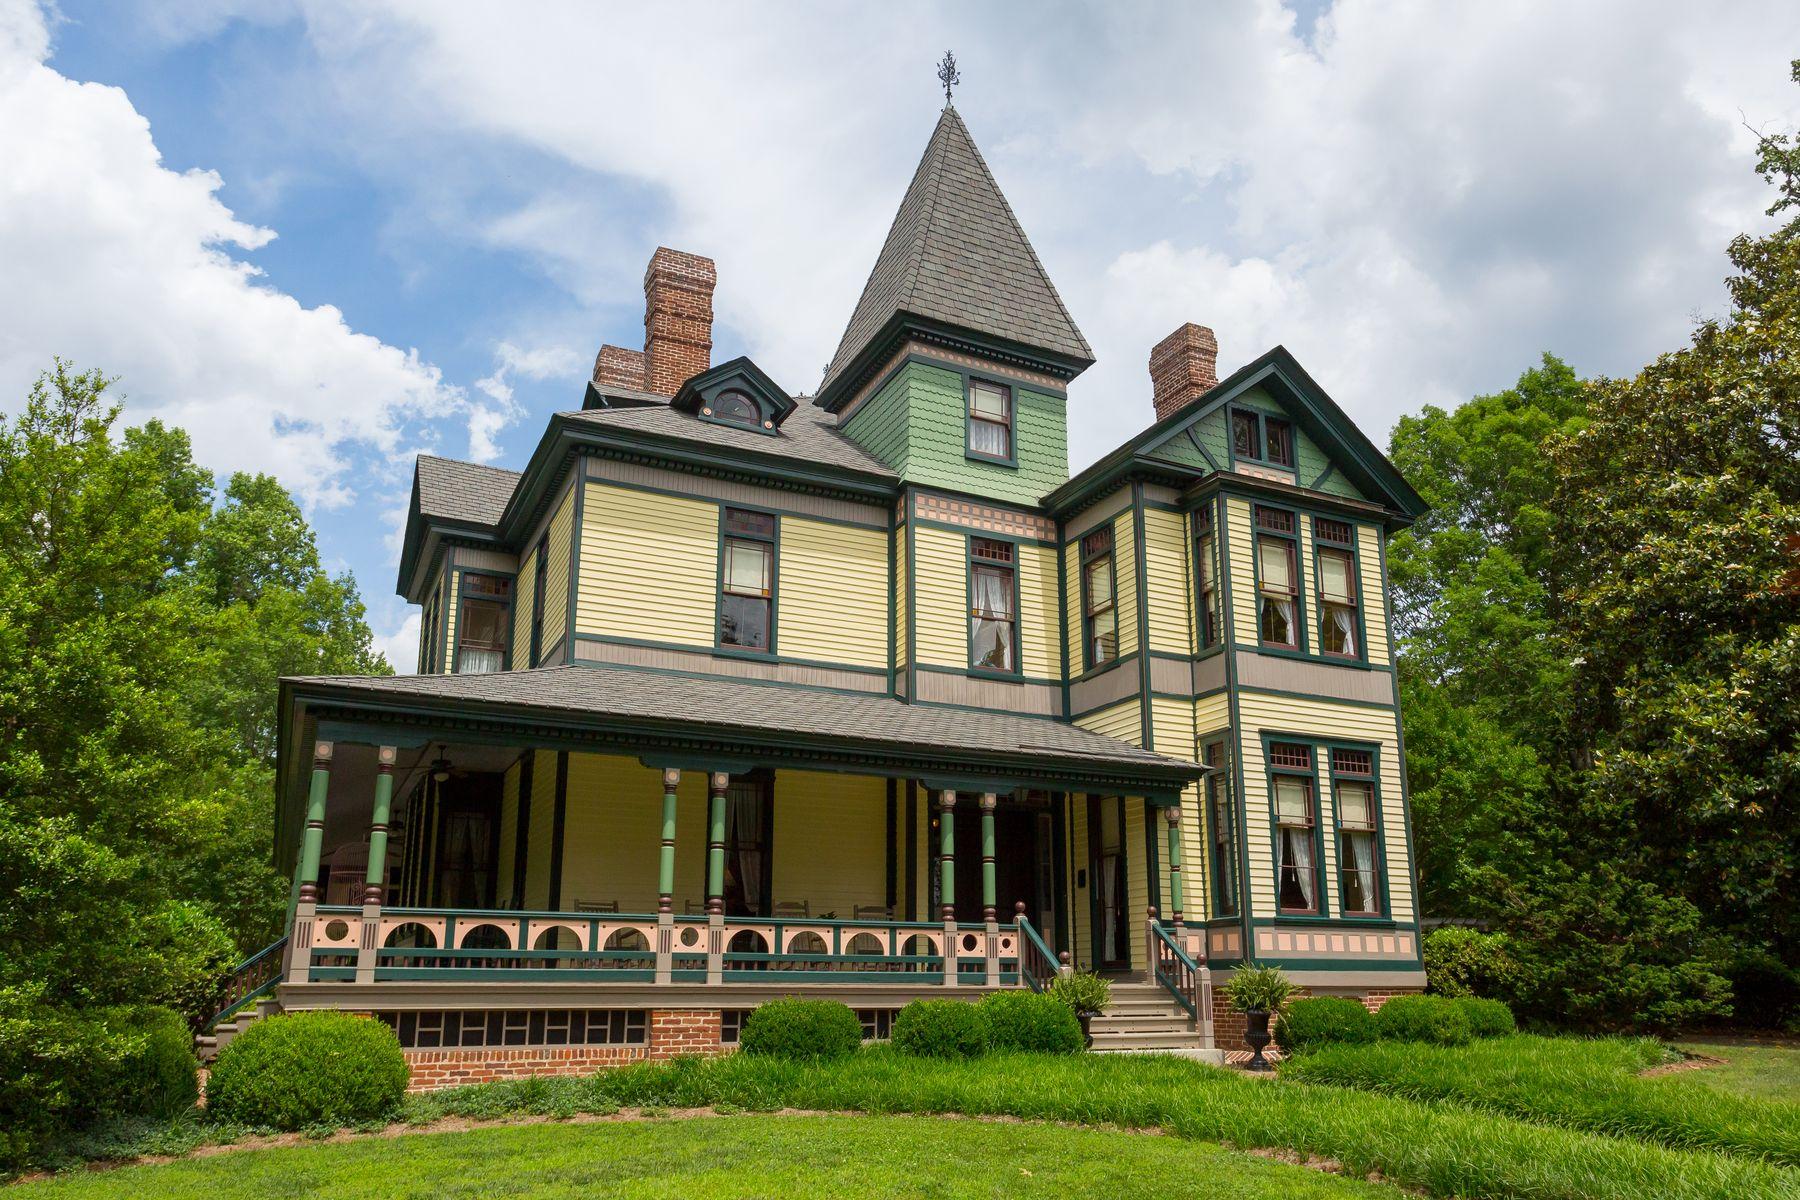 Maison unifamiliale pour l Vente à MOUNT PLEASANT 317 COLES POINT ROAD Hague, Virginia, 22469 États-Unis